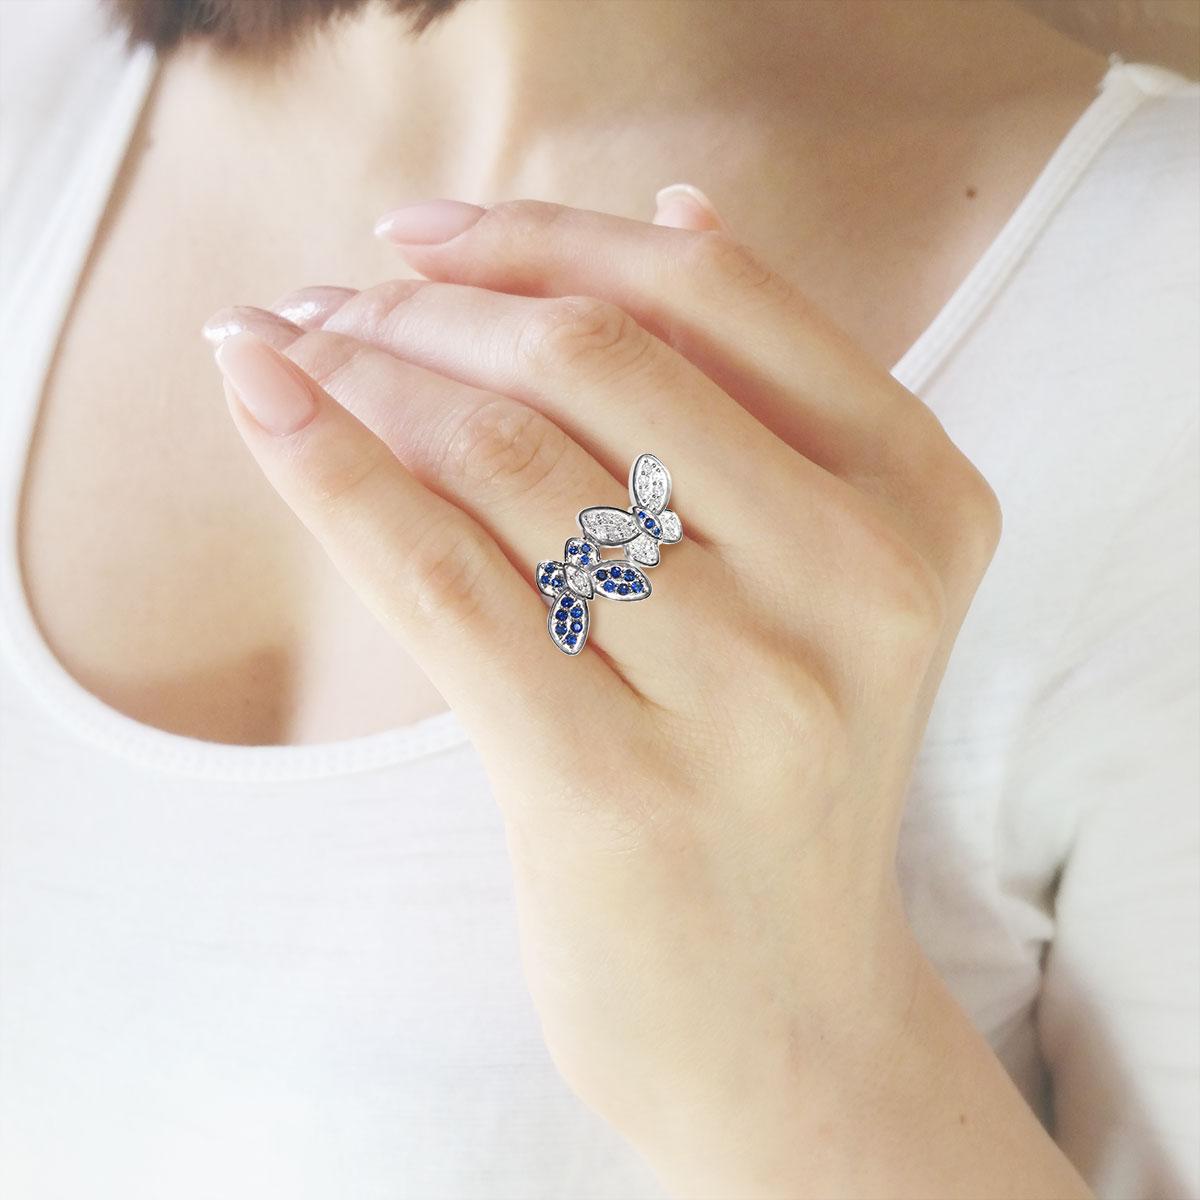 Эксклюзивное кольцо с бриллиантами и сапфирами «Танец бабочек»